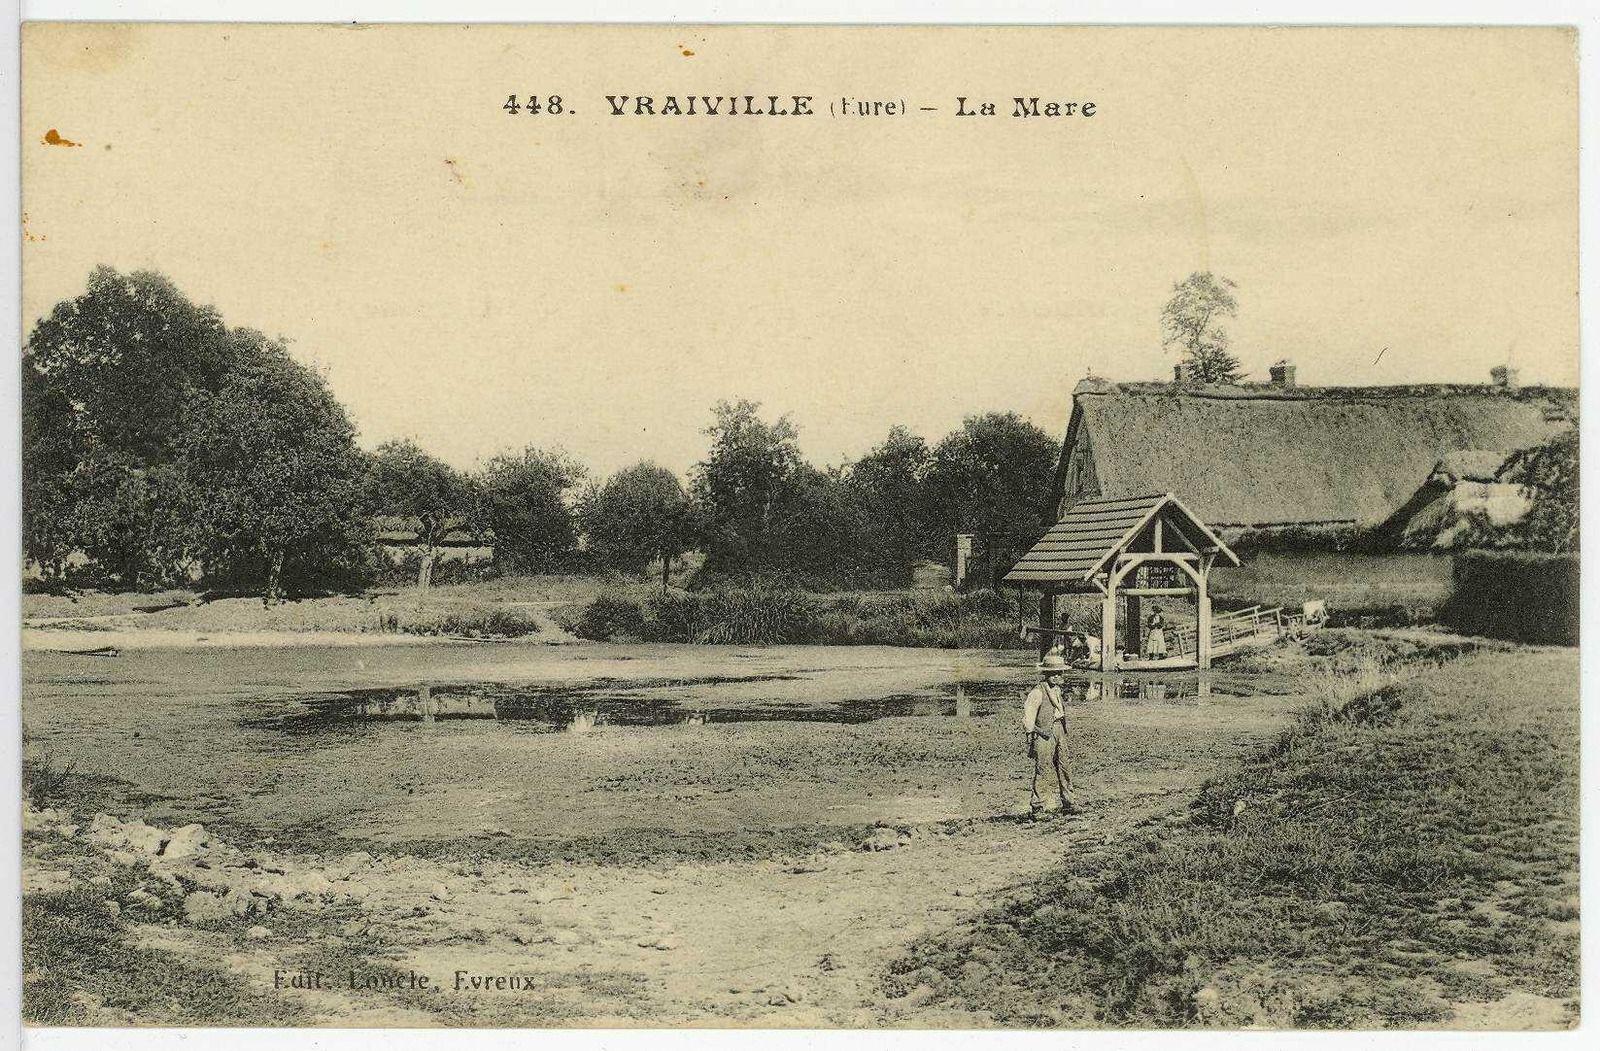 La mare centrale de Vraiville sur une carte postale illustrée des années 1910 disponible sur le site des Archives de l'Eure (cote (8 Fi 700-10).